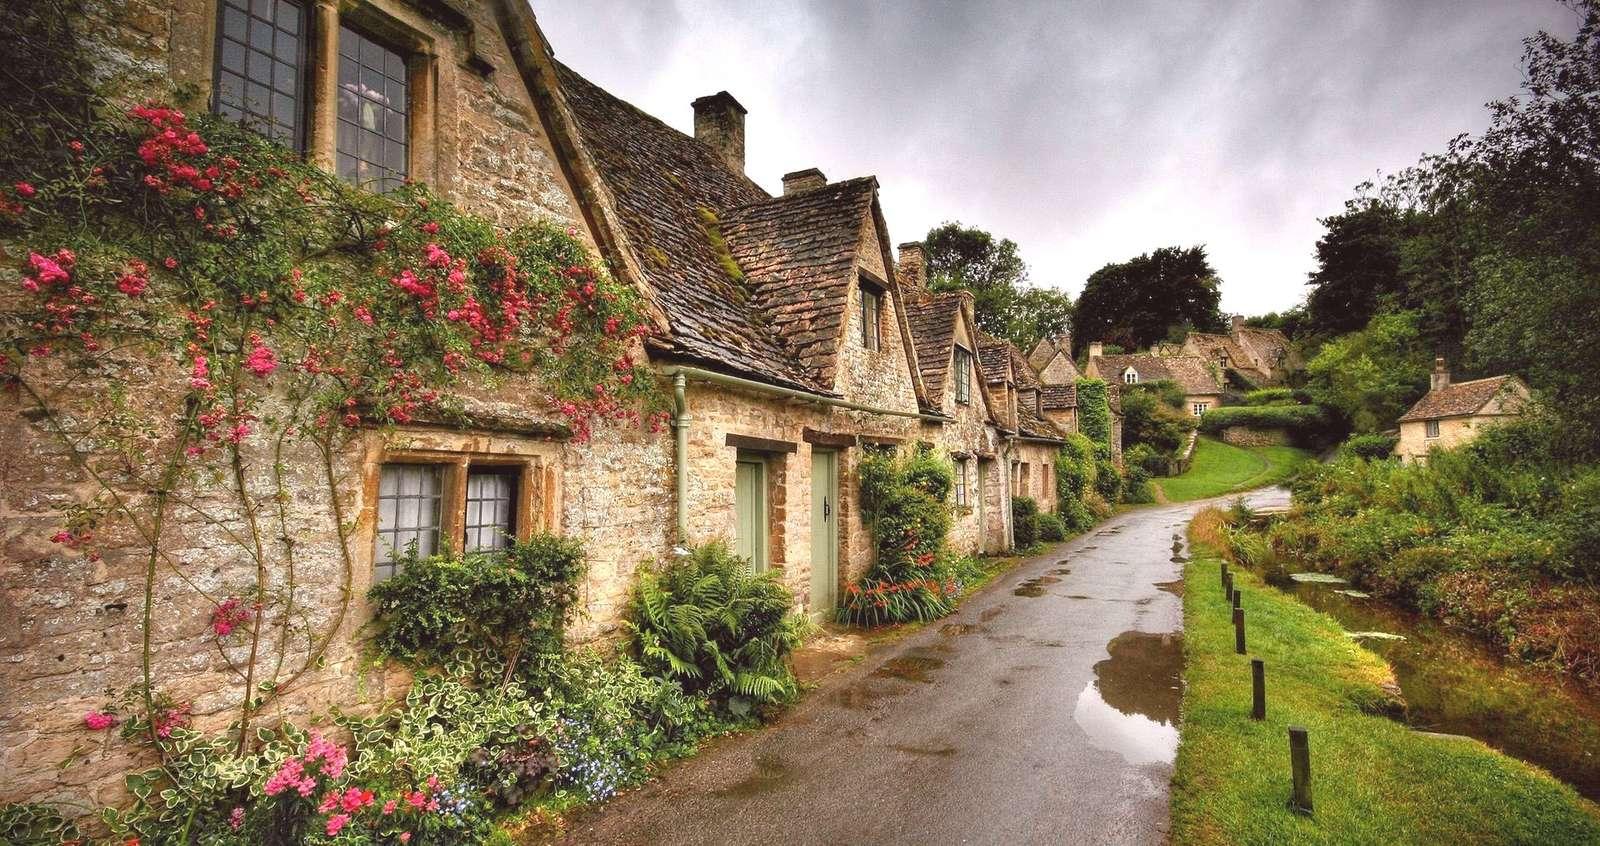 Een straat in Engeland - Engelse constructie (20×11)